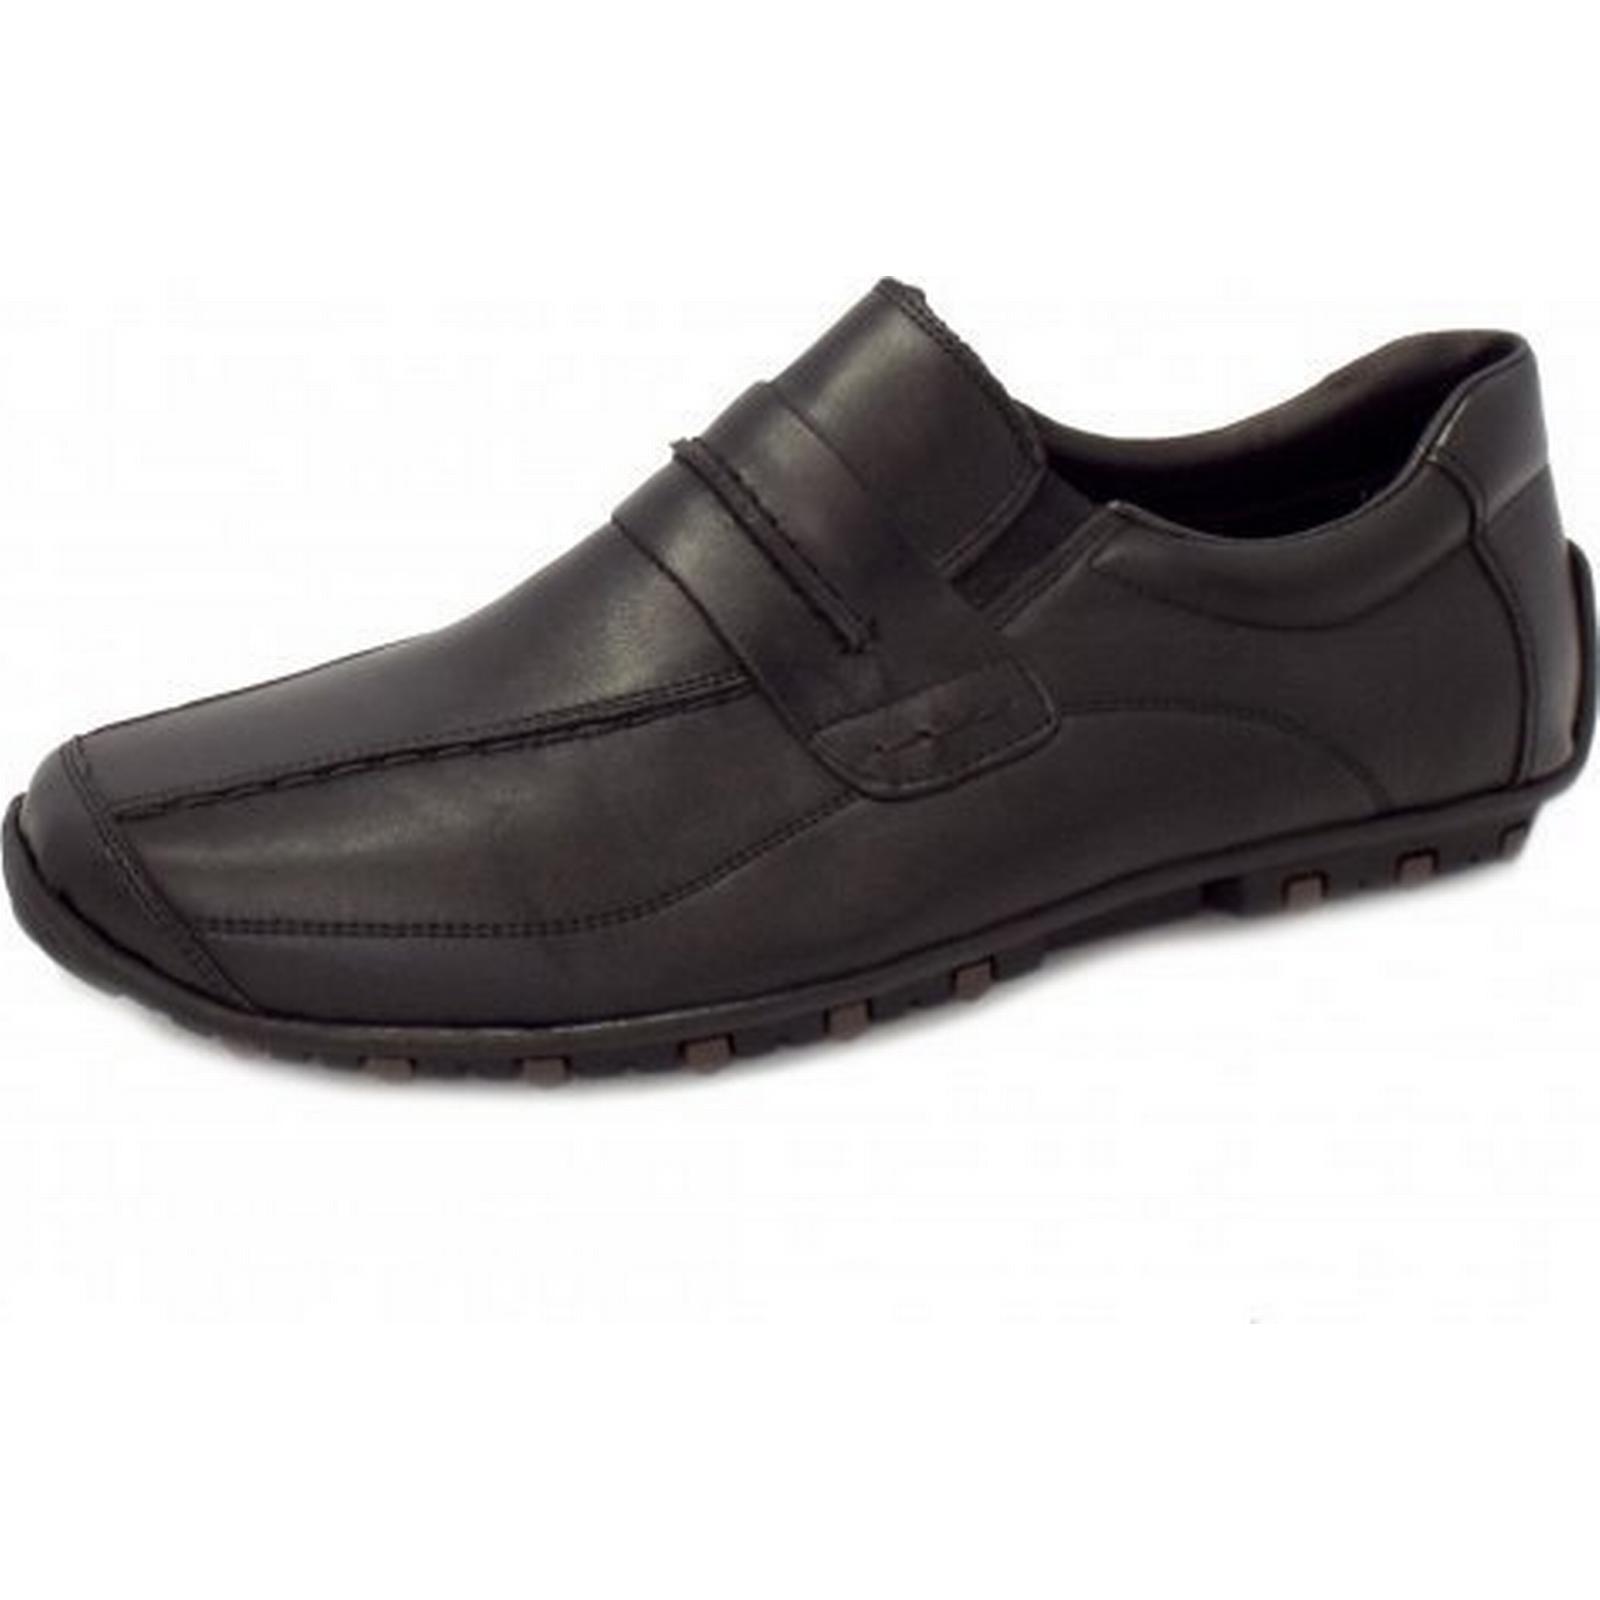 chaussures rieker à enfiler rieker chaussures draper de noir taille: 39, la couleur: noir ad3b24